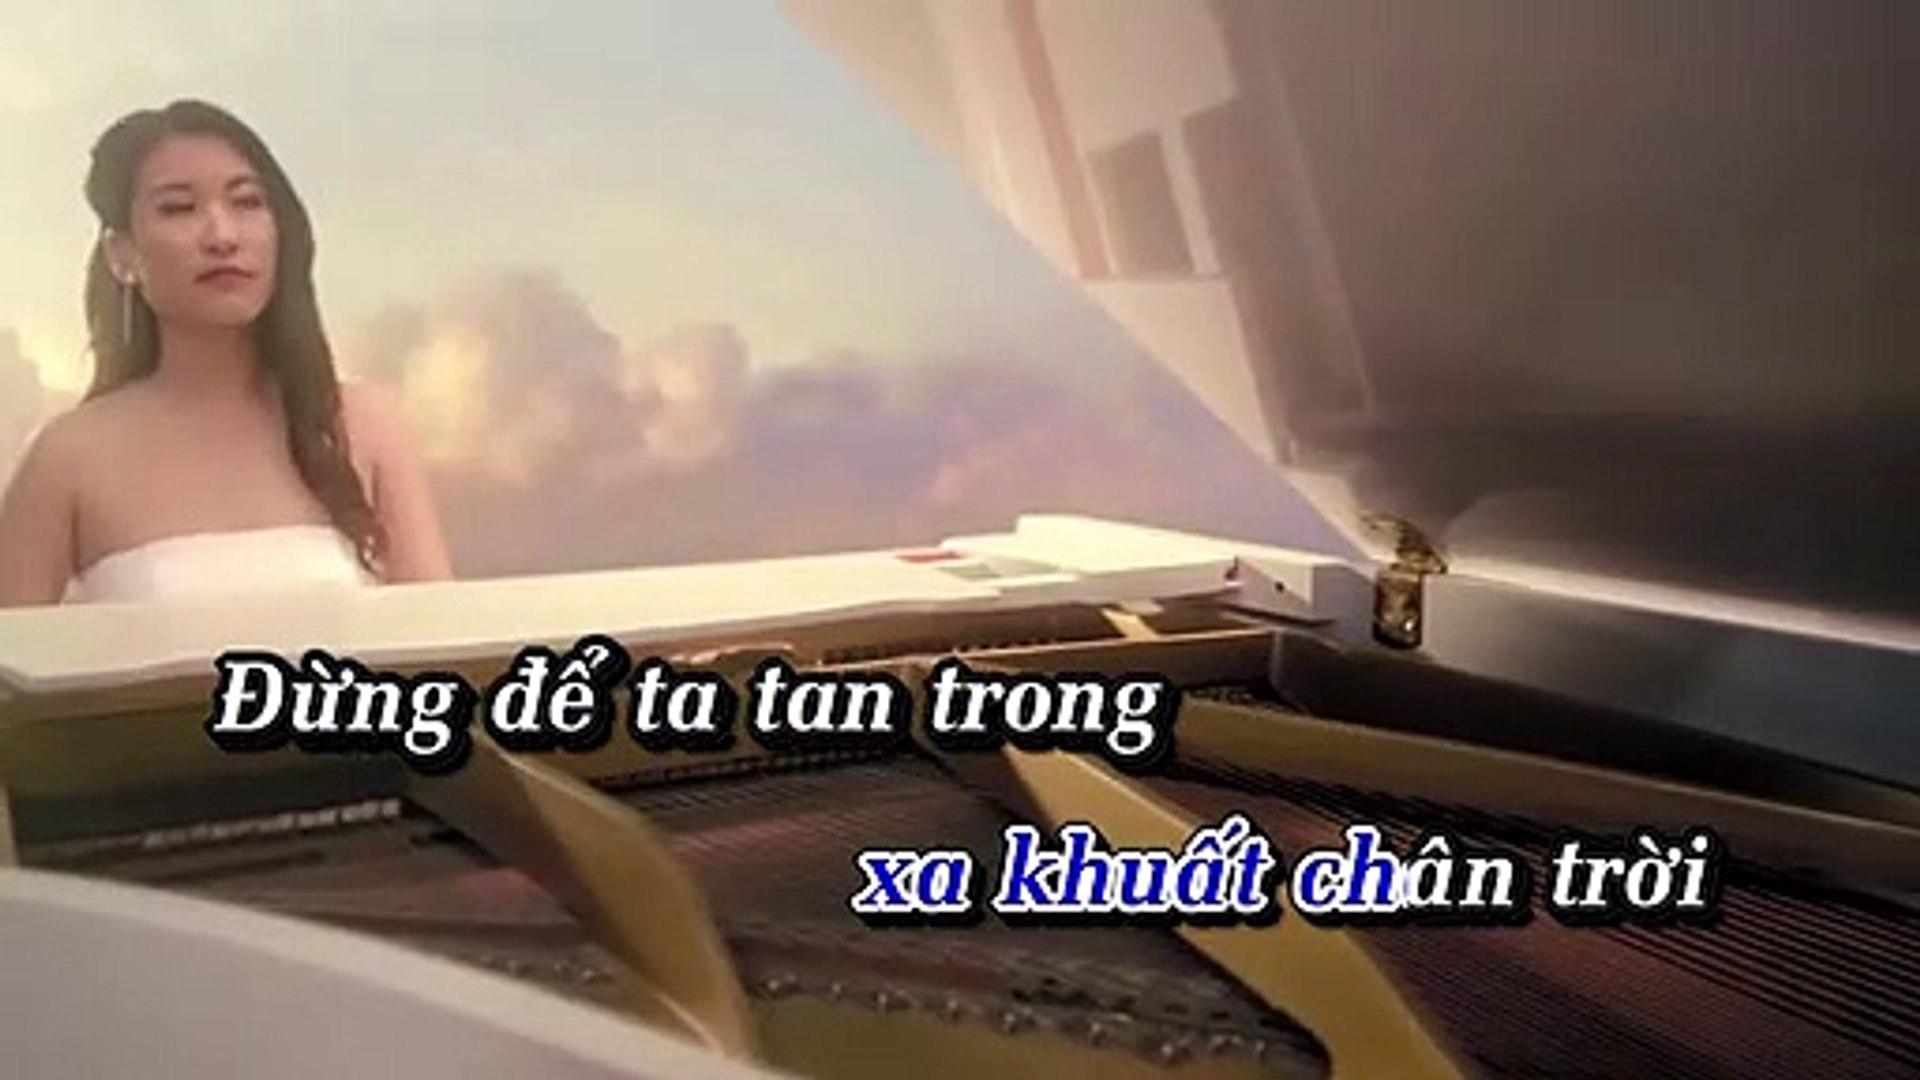 [Karaoke] Như Những Phút Ban Đầu - Hoài Lâm [Beat]